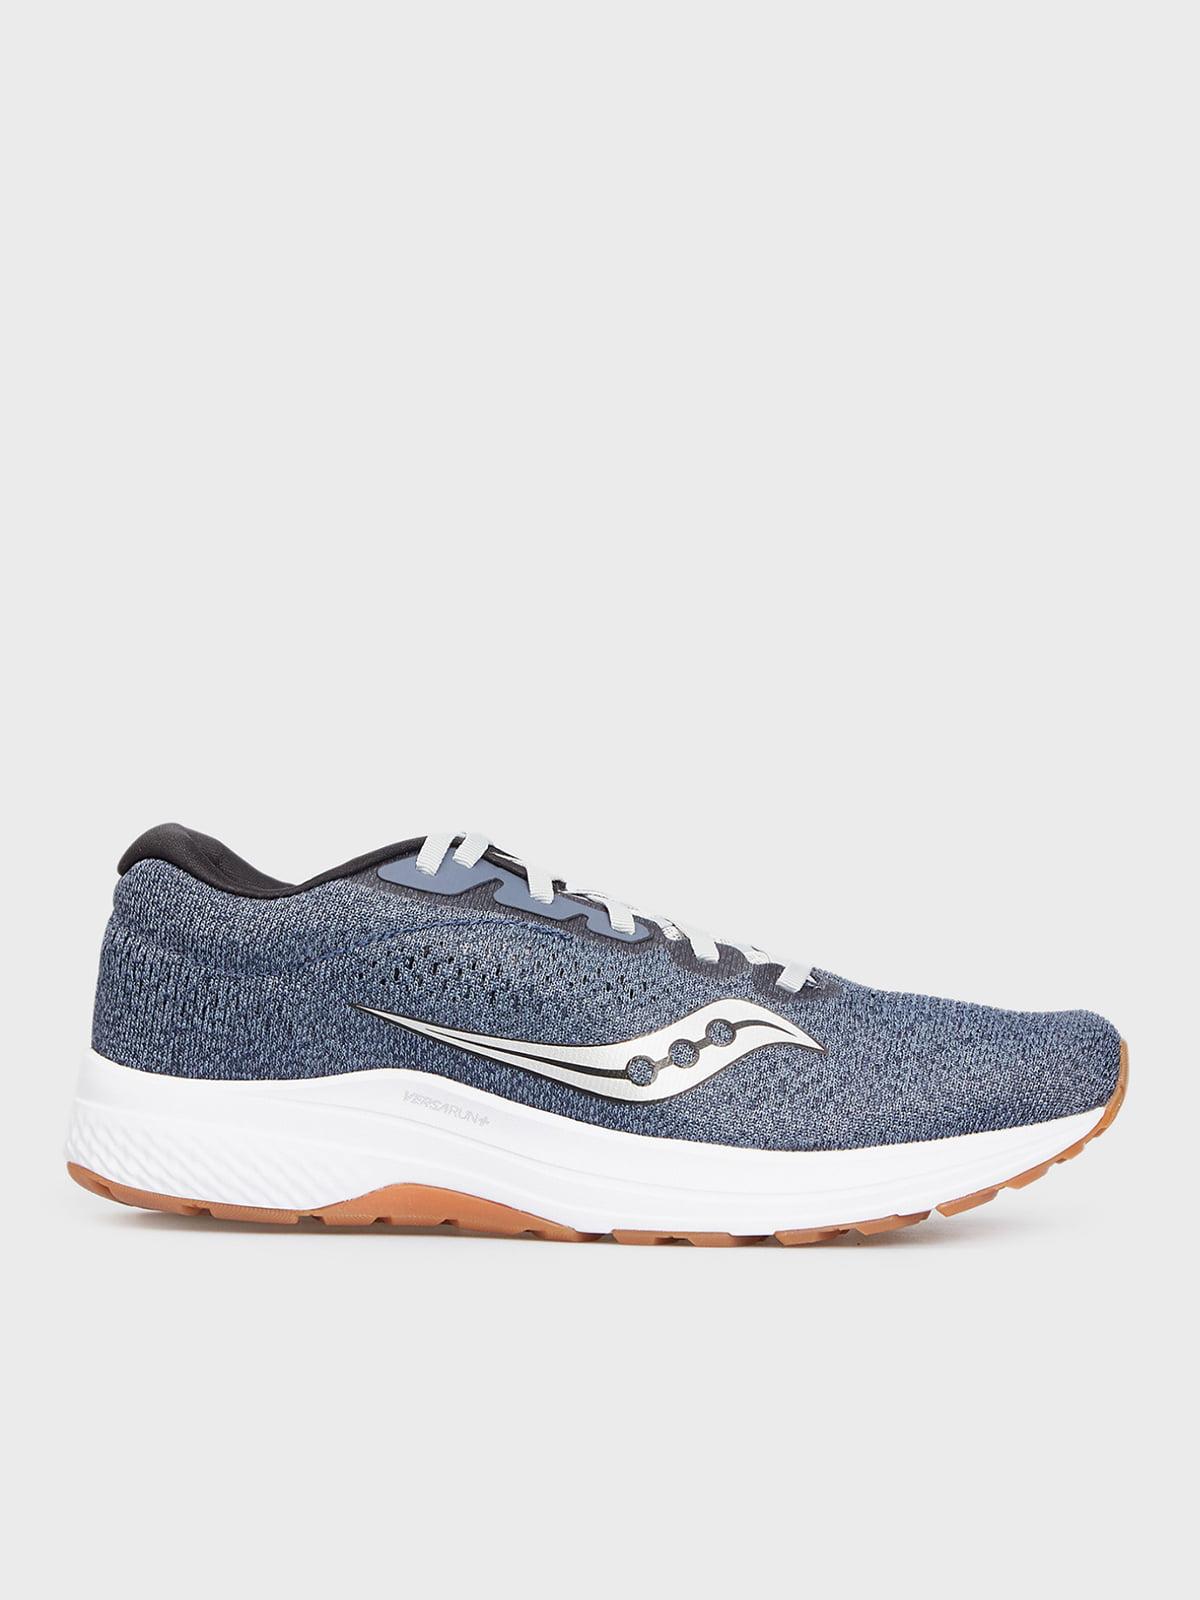 Кросівки для бігу сині CLARION 2 20553-20s | 5576206